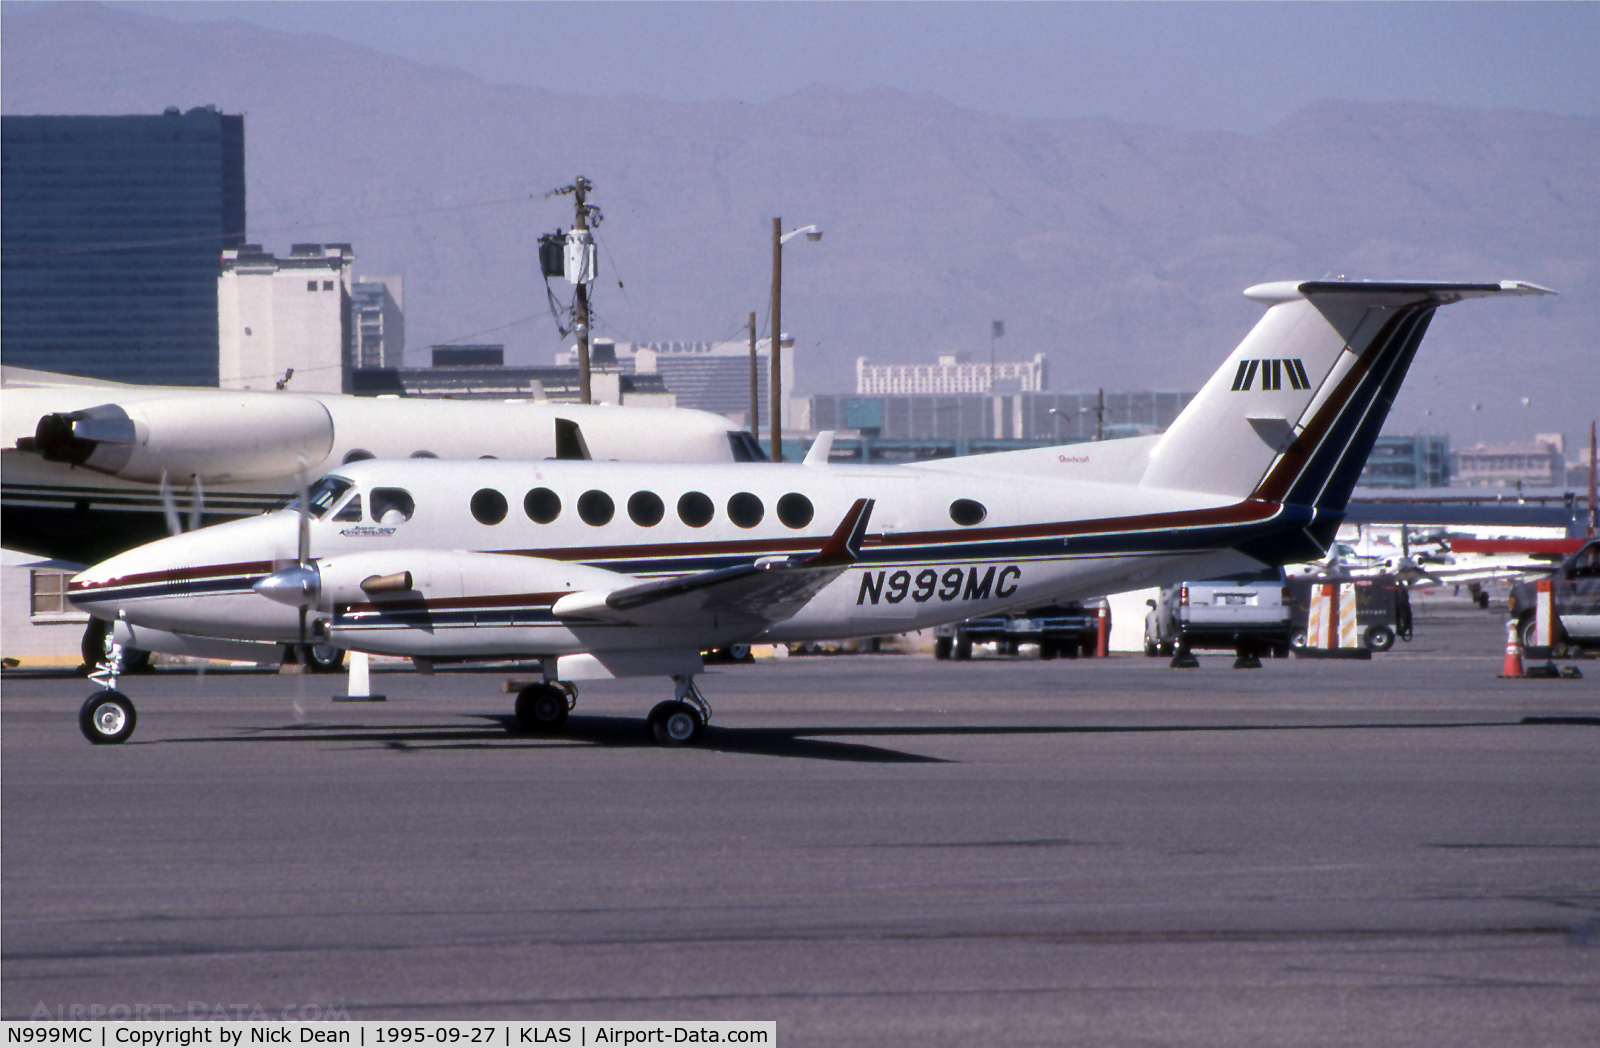 N999MC, 1991 Beechcraft King Air 350 C/N FL-65, KLAS (Currently N999MG)